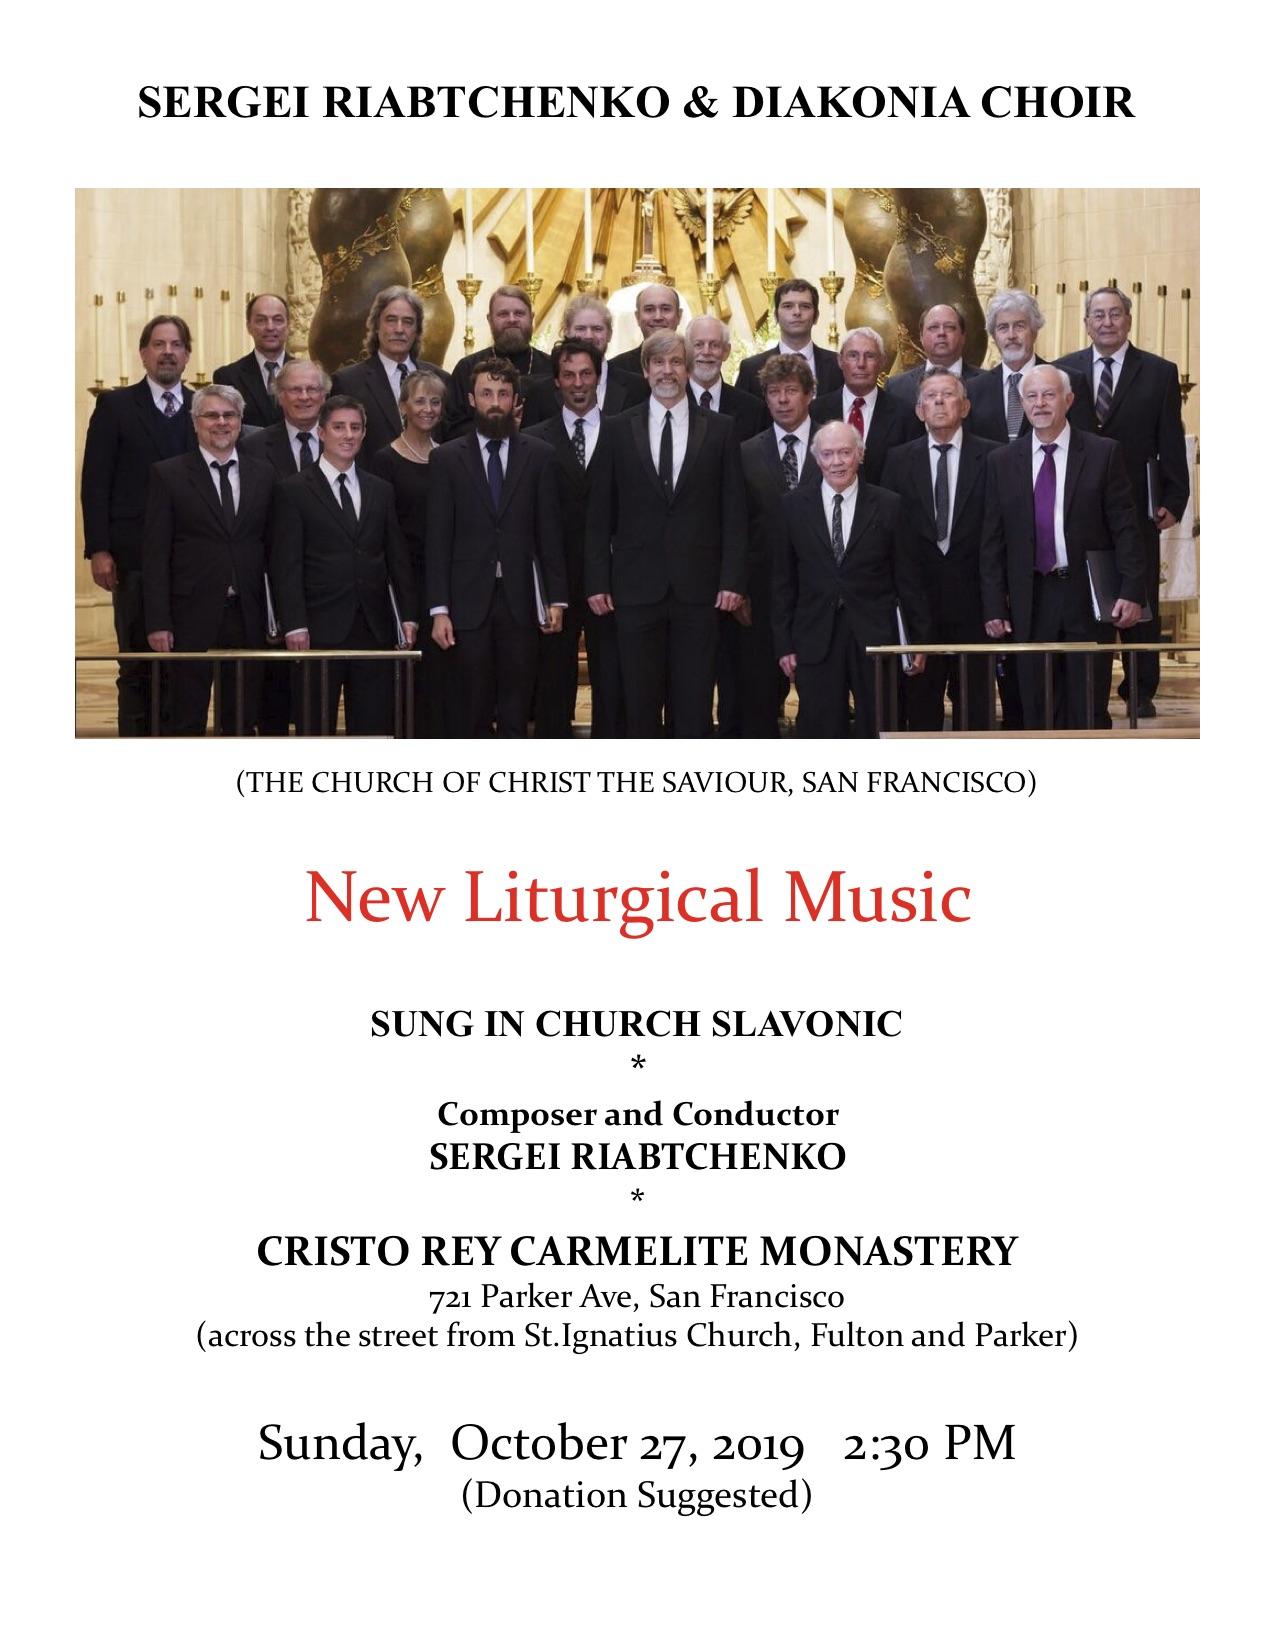 2019-10-27 Diakonia choir flyer Color #9.jpg